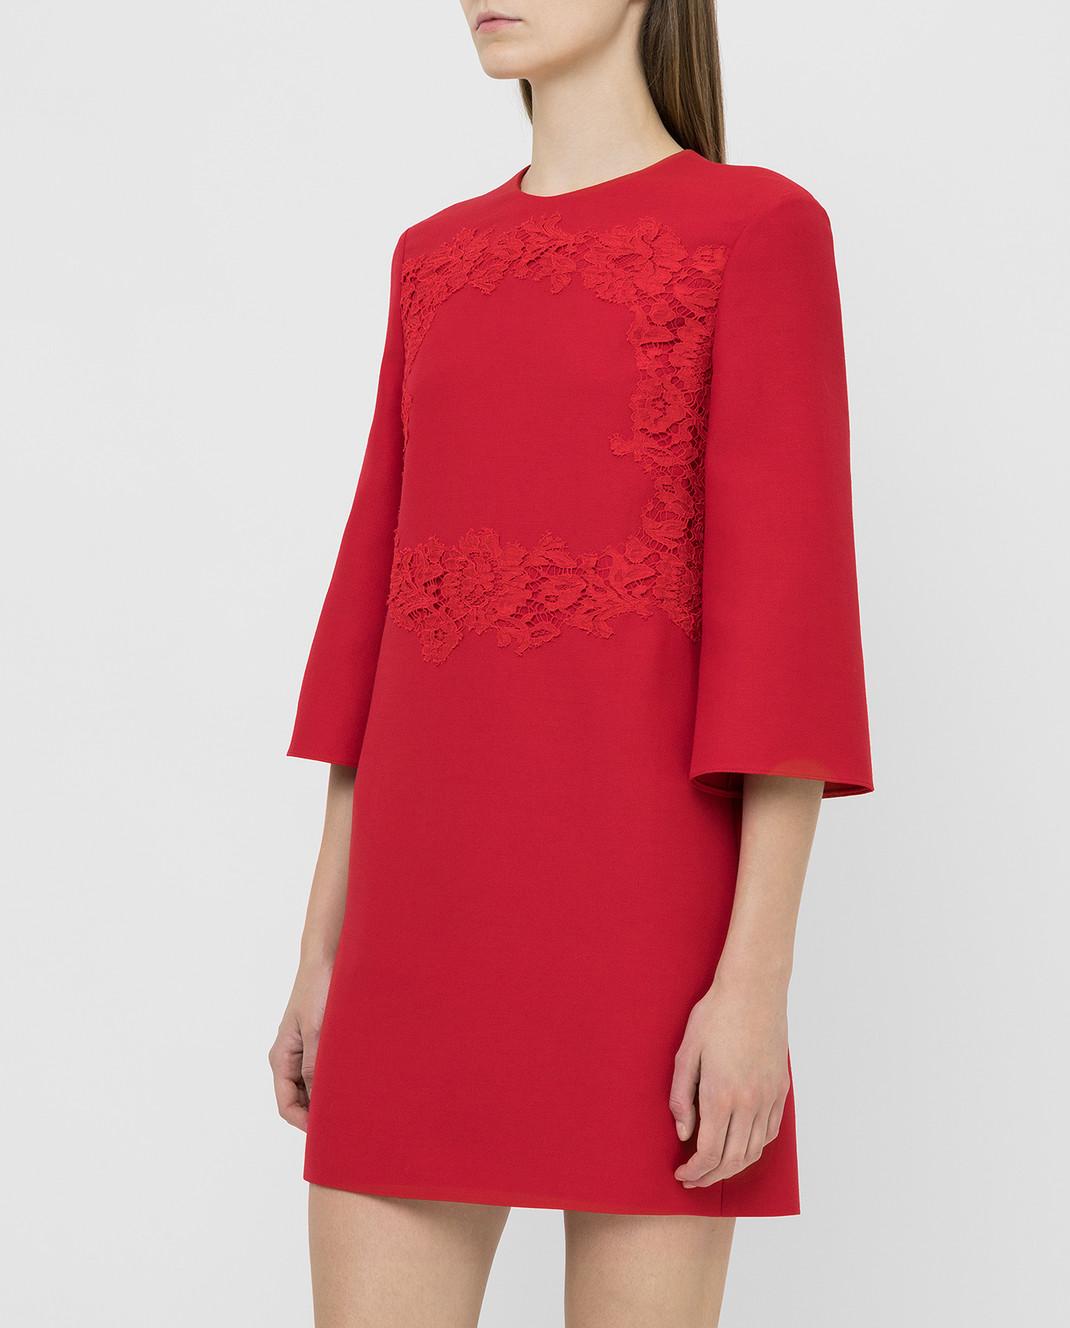 Valentino Красное платье из шерсти и шелка SB0VAPN0360 изображение 3